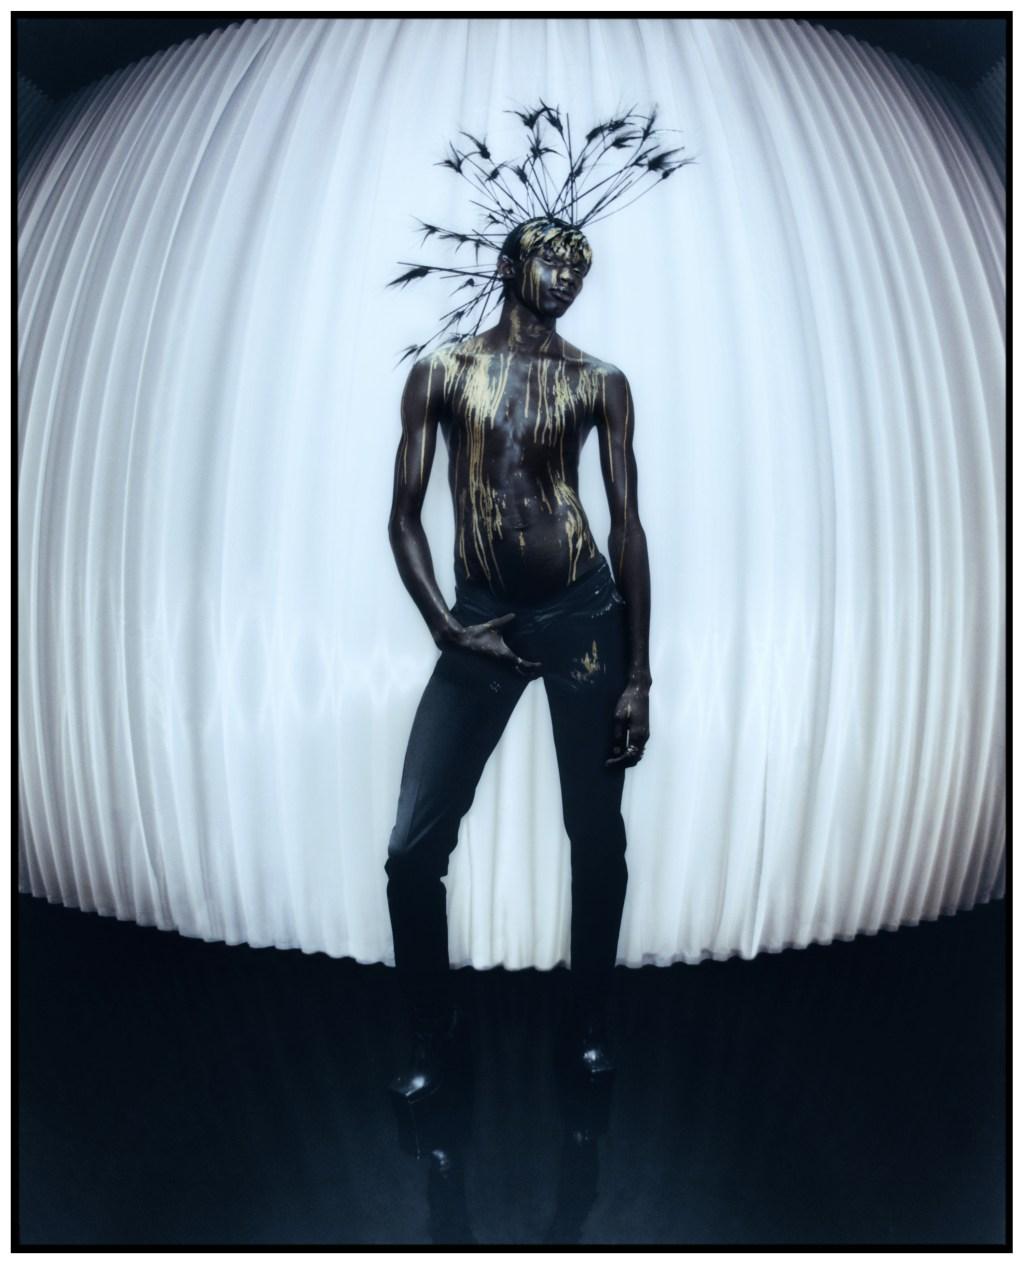 Harris Reed 2021 London Fashion Week Debut